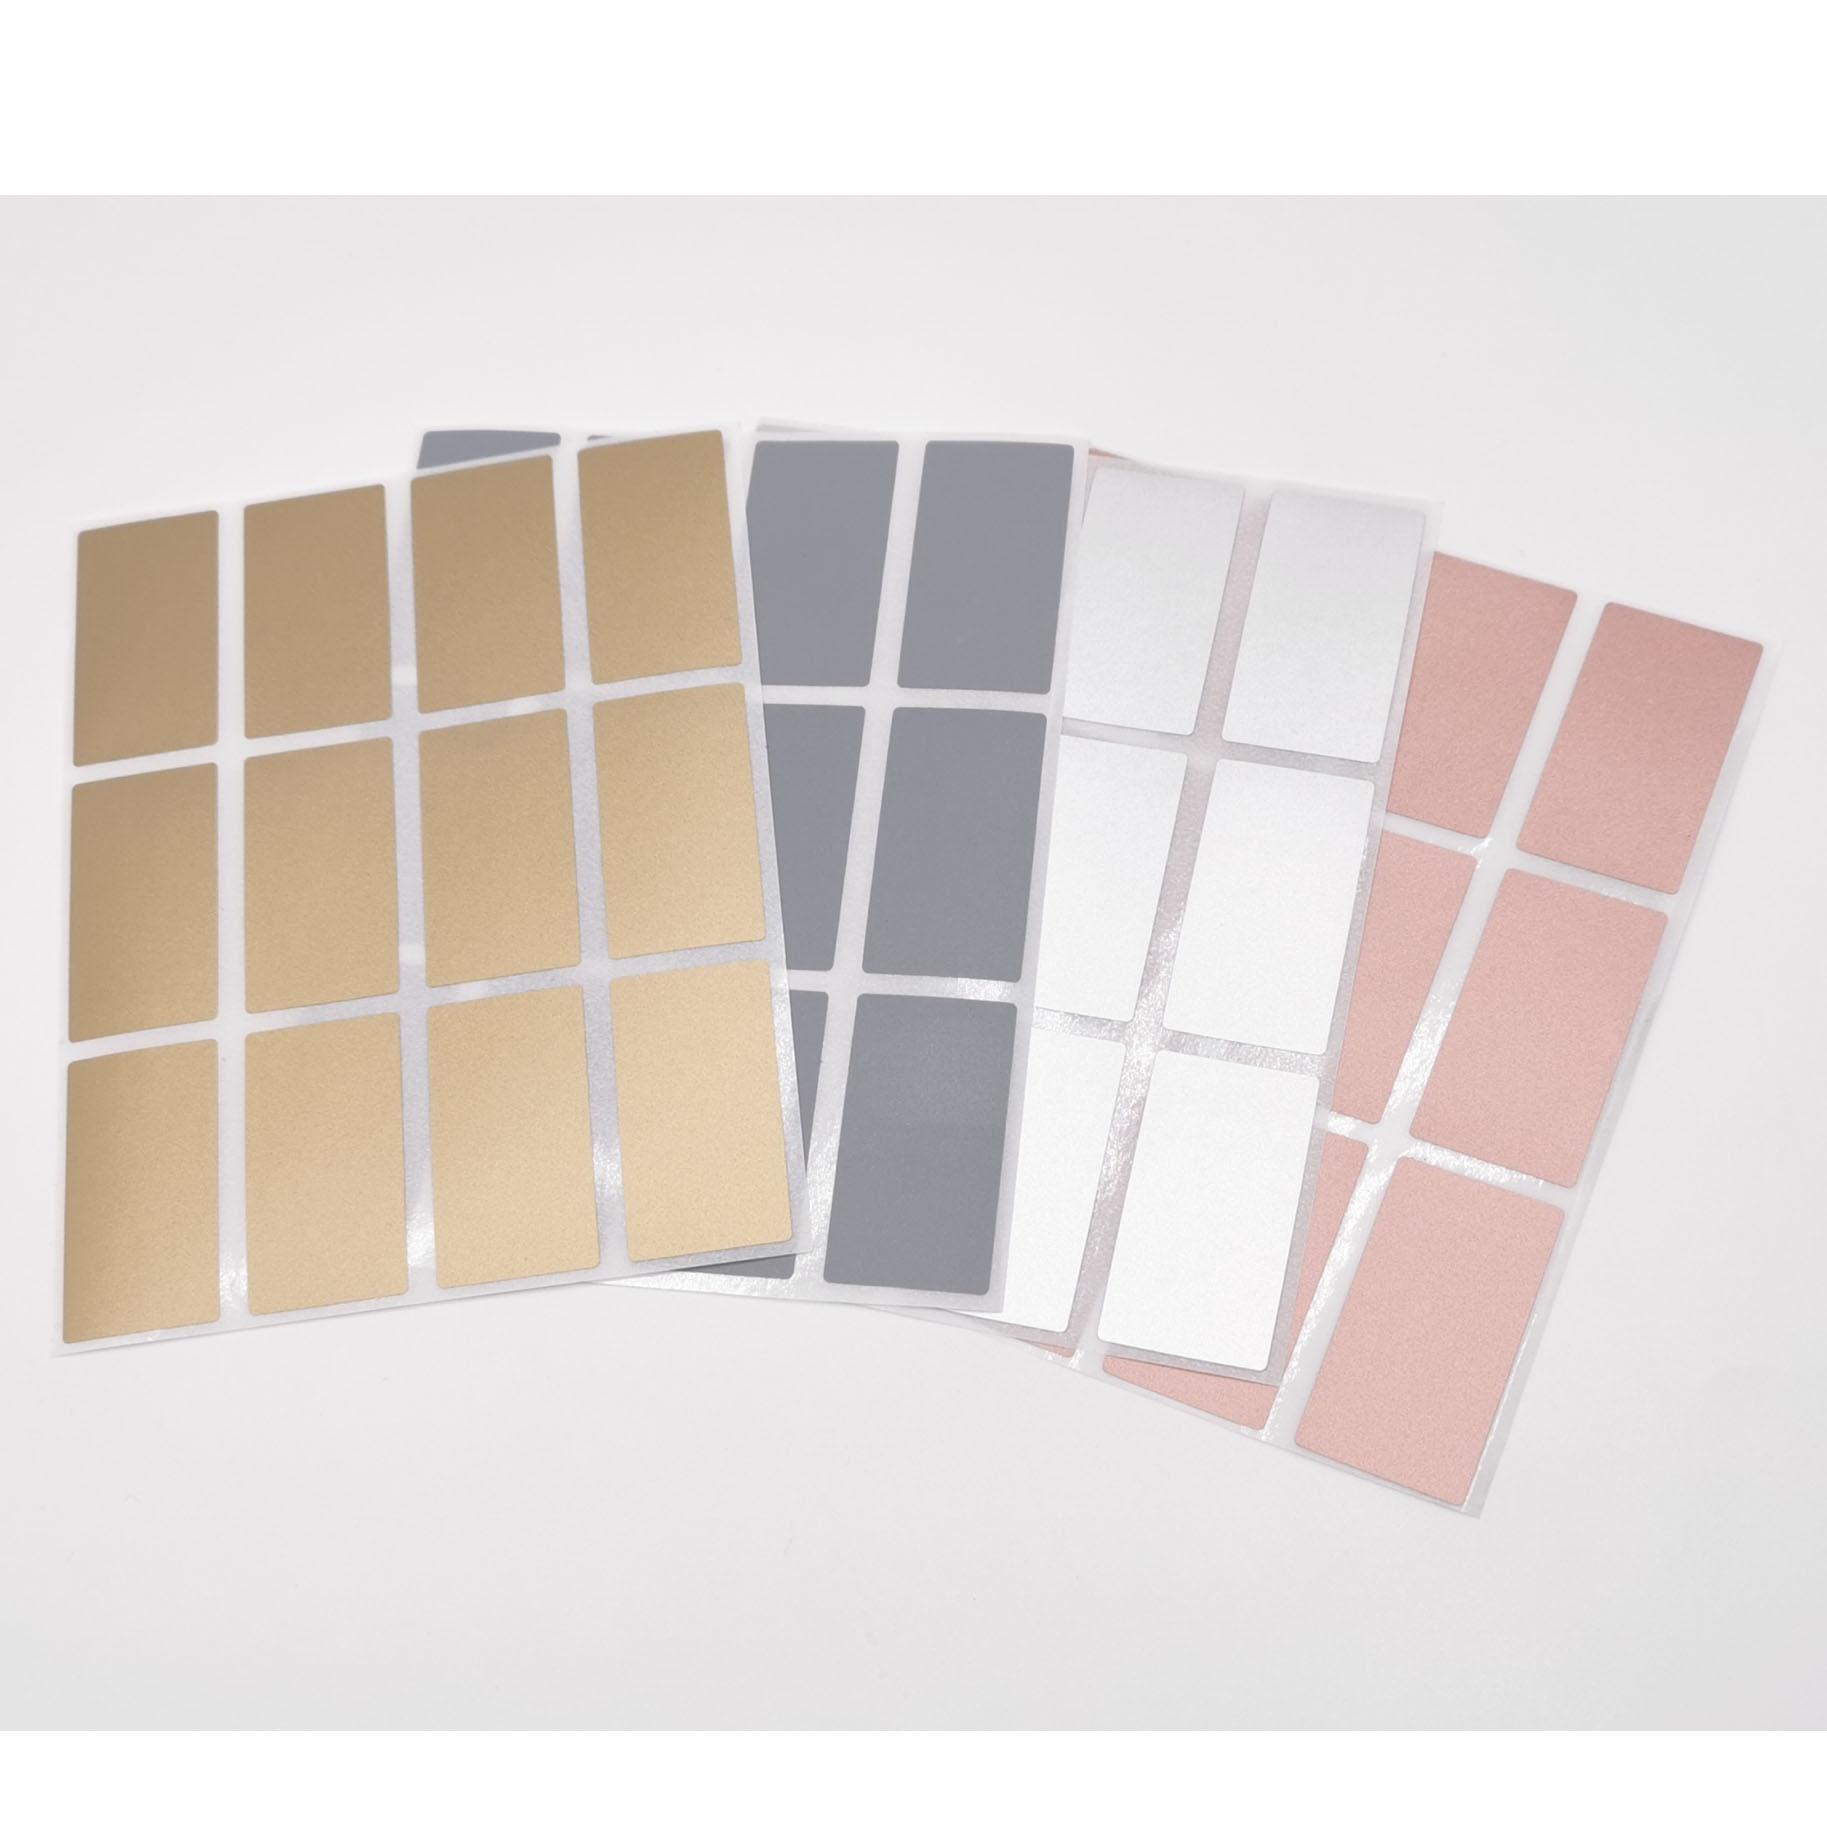 100-uds-23mm-x-42mm-cero-etiquetas-de-la-etiqueta-engomada-para-fiesta-actividad-favorece-adhesivo-de-papeleria-partido-favores-adhesivo-de-papeleria